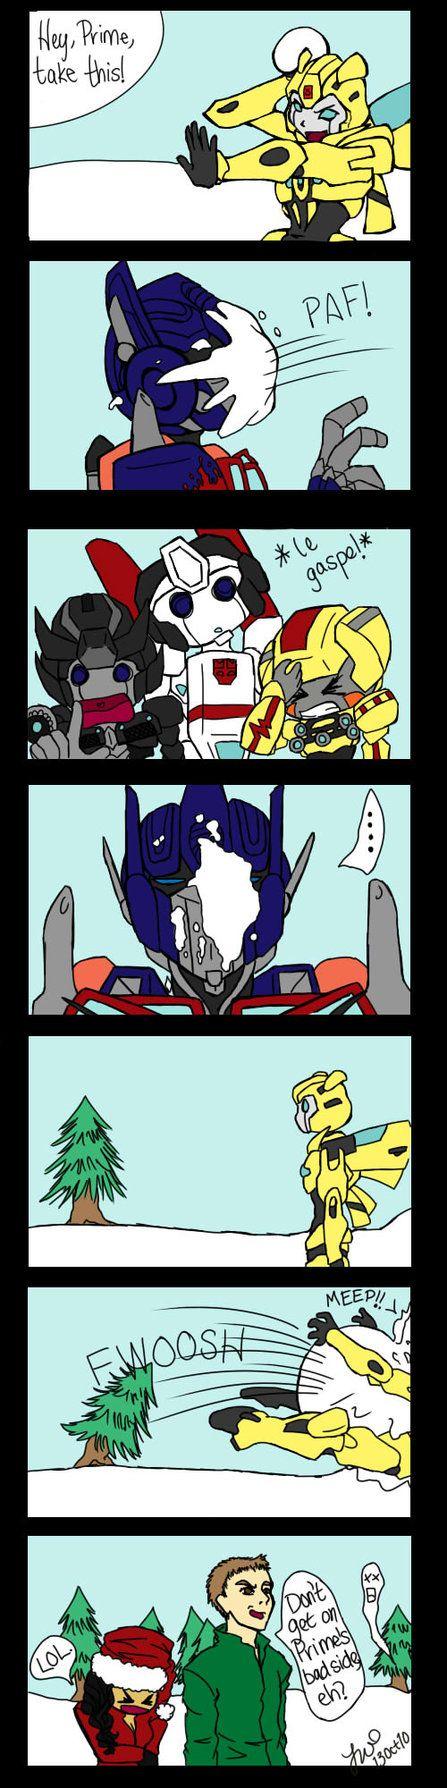 Transformer Snowball Fight by Dubnoreix on DeviantArt